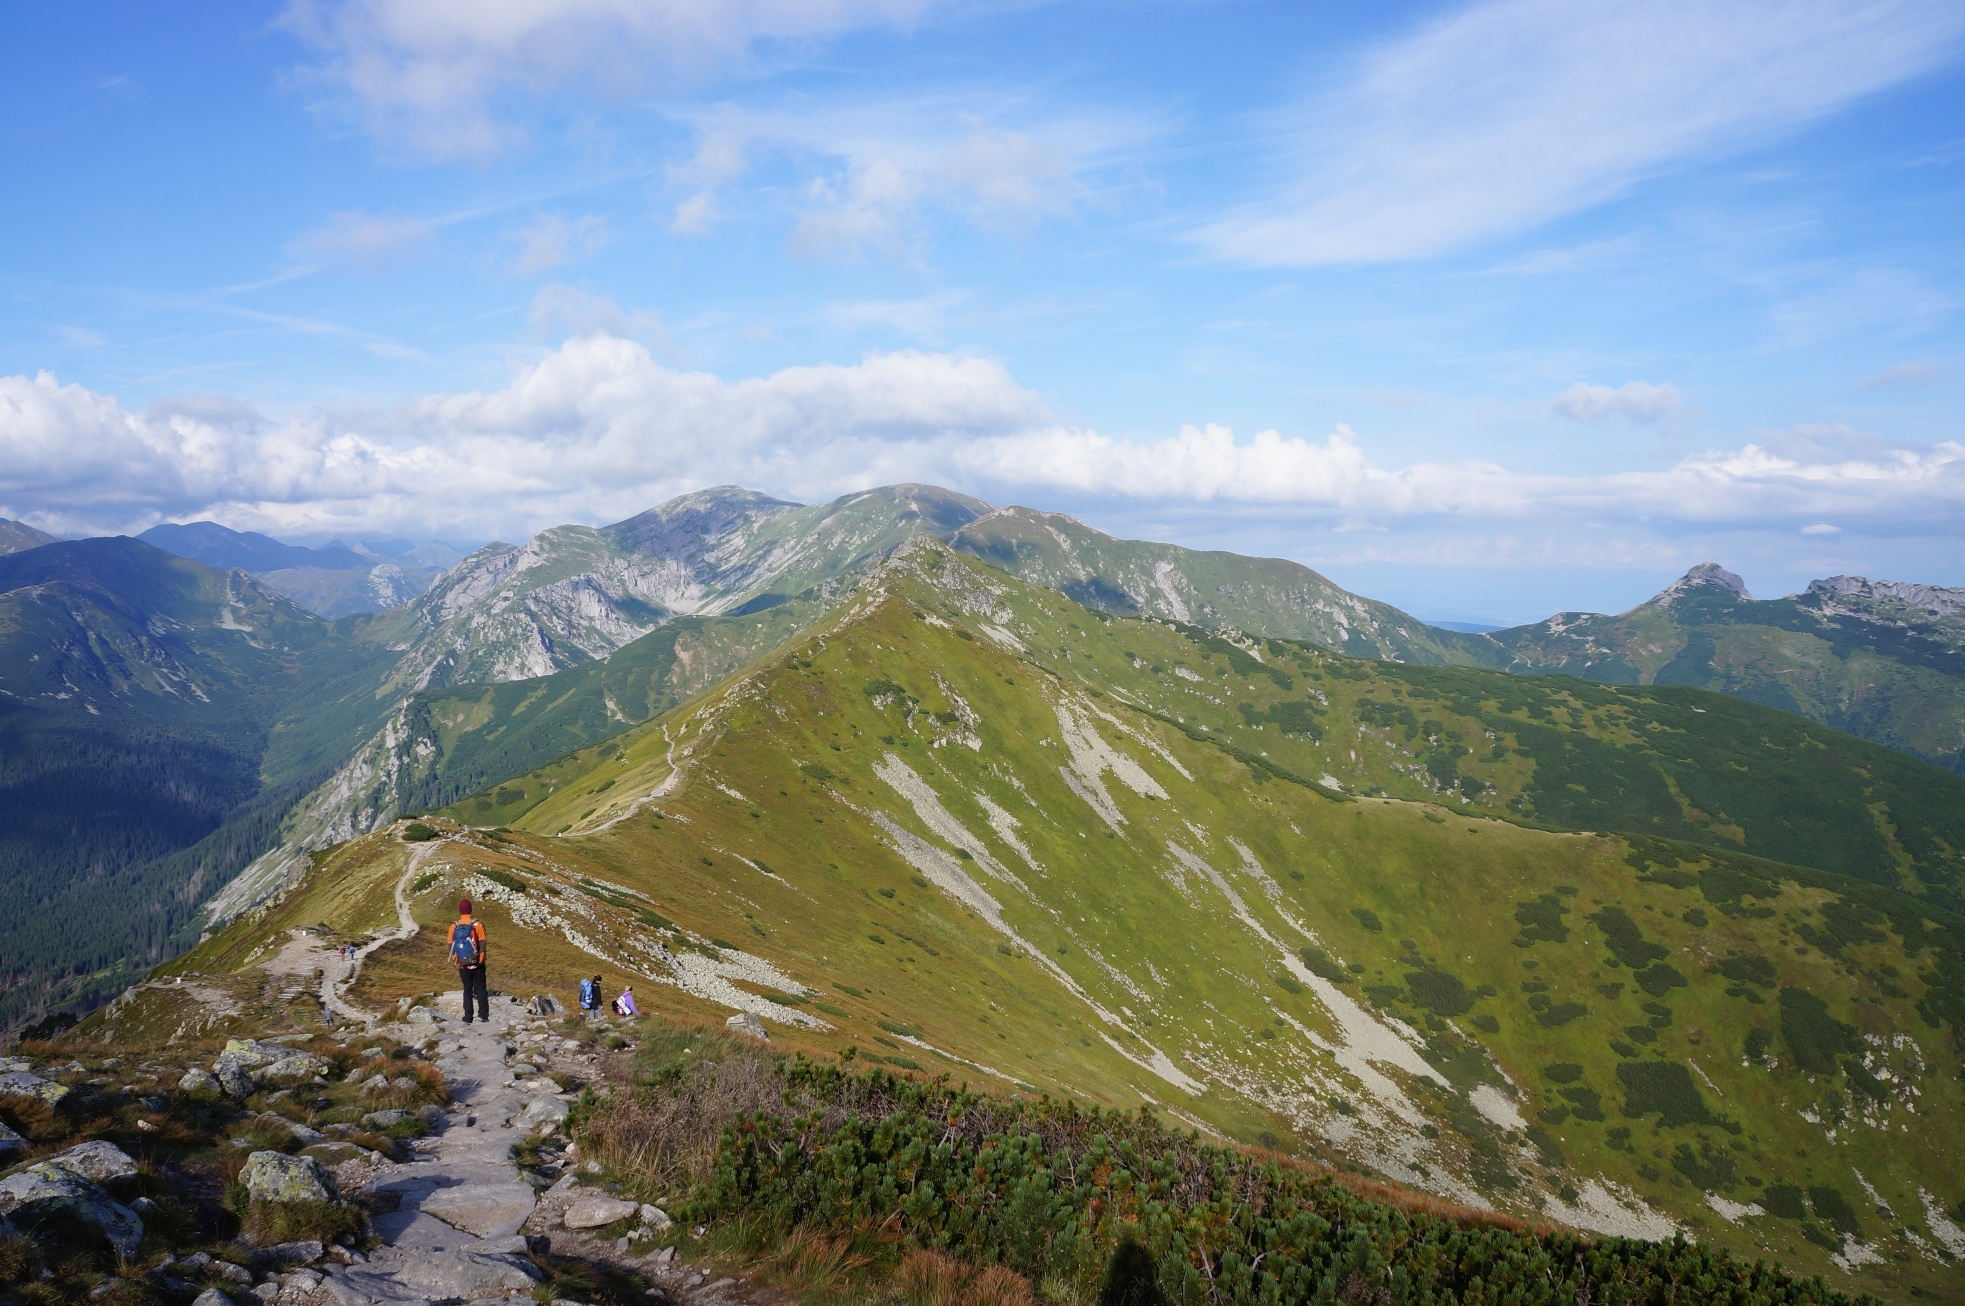 ポーランドとスロバキアの国境になっている気持ちの良い稜線を歩く(3日目)